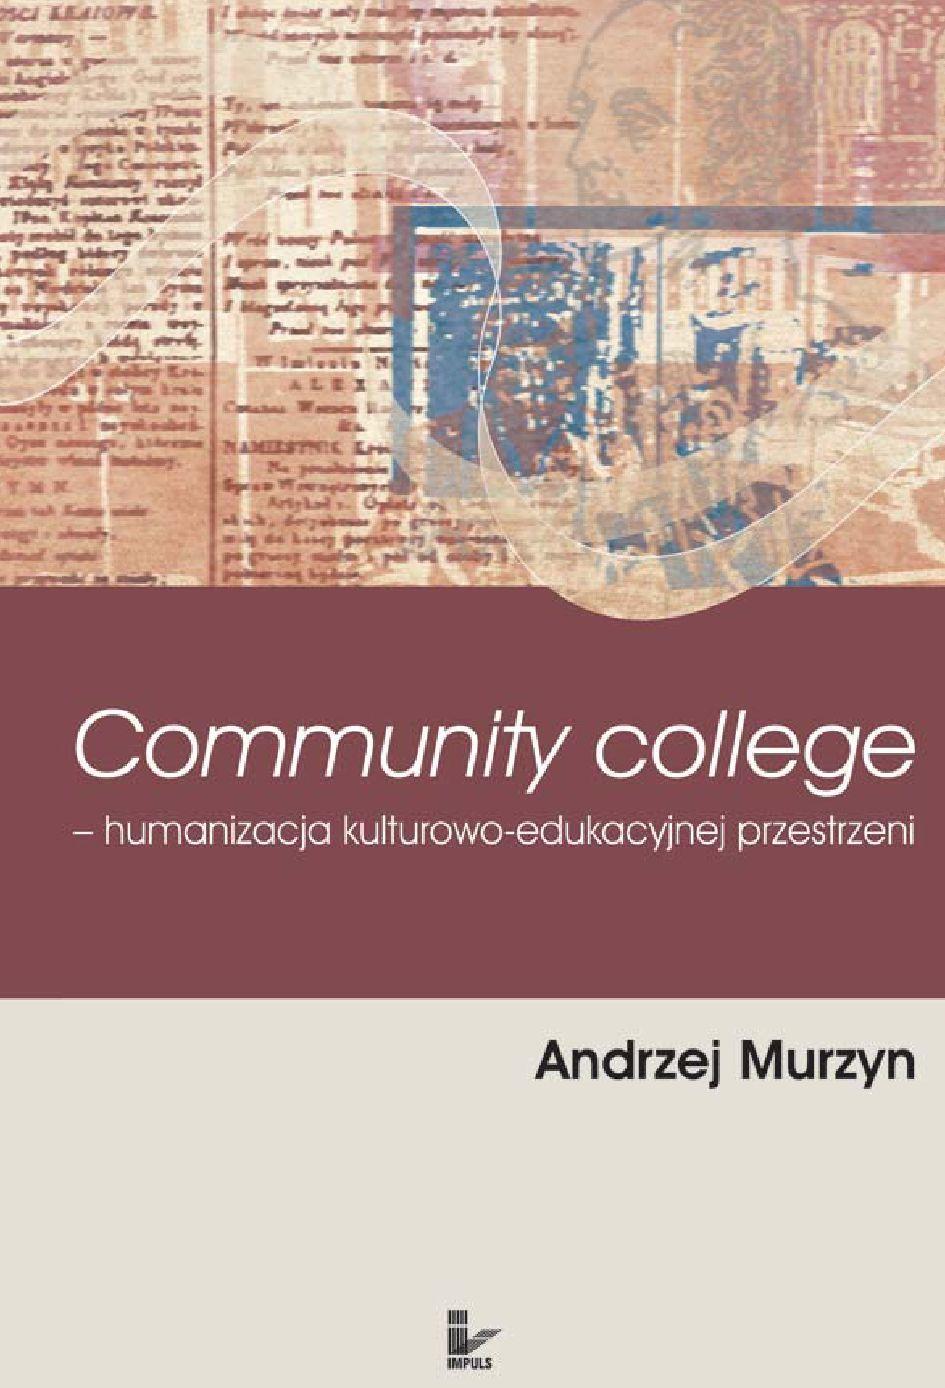 Community College humanizacja kulturowo-edukacyjnej przestrzeni - Ebook (Książka EPUB) do pobrania w formacie EPUB